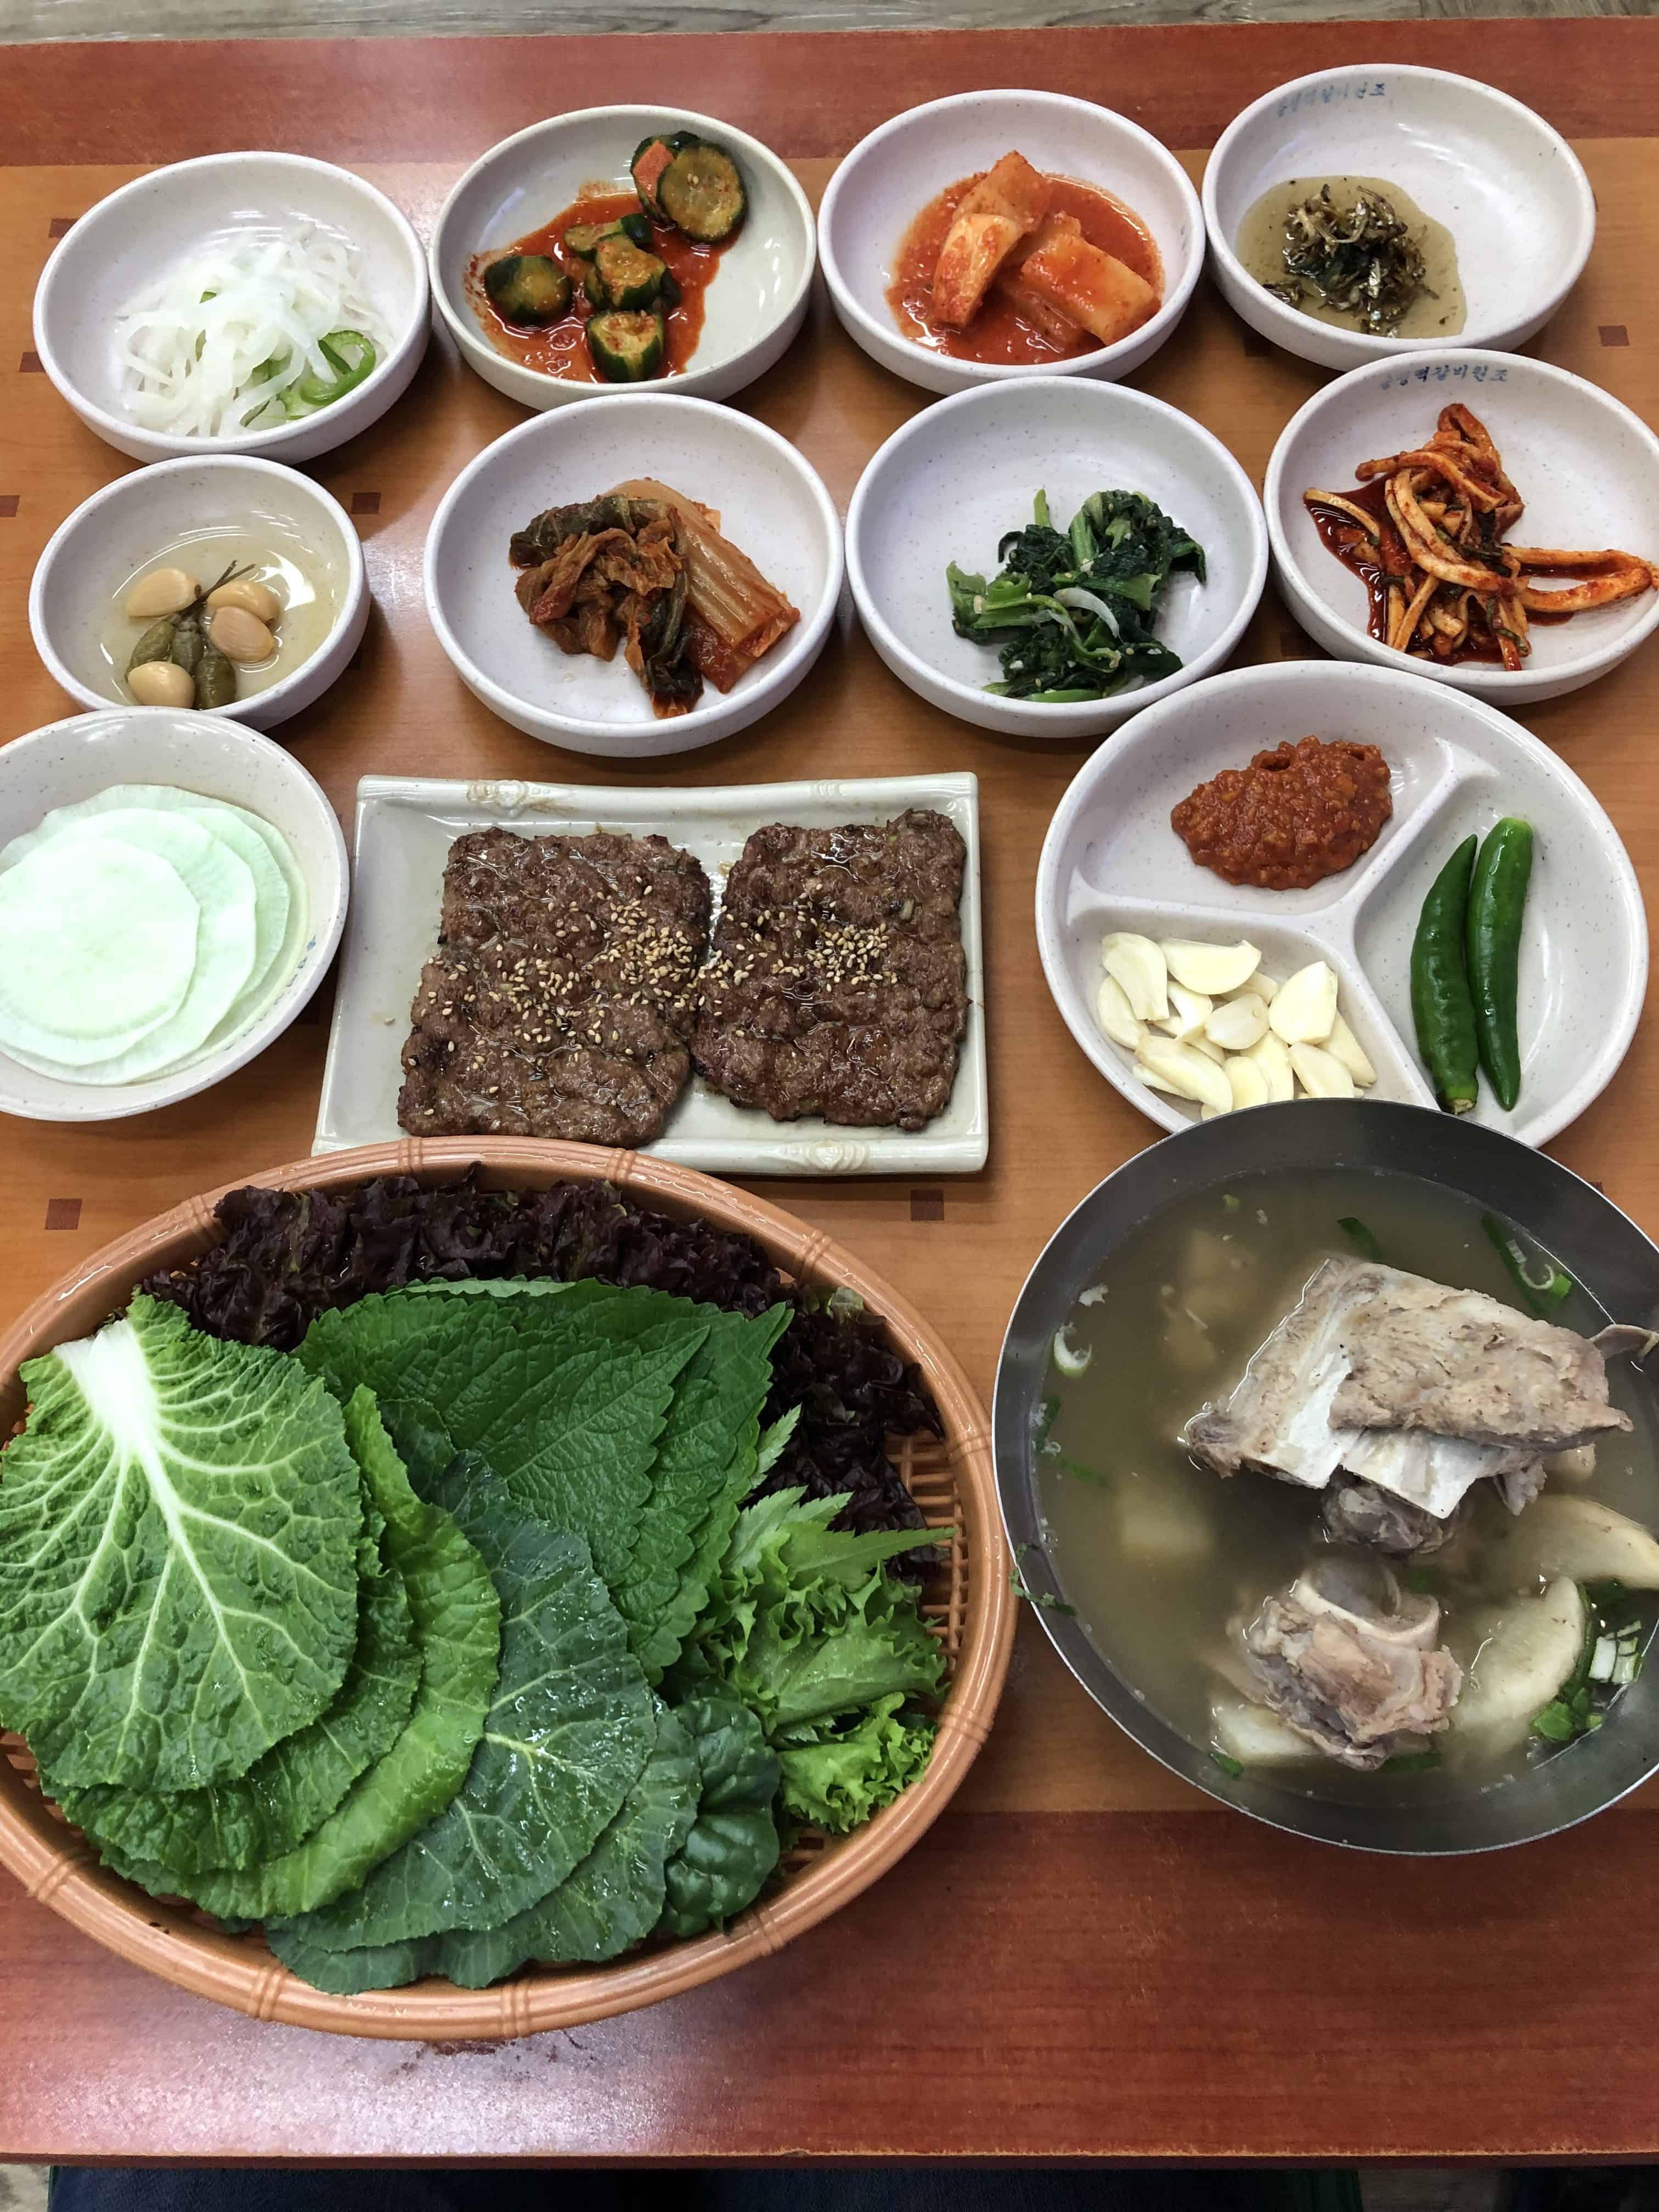 光州自由行美食景點推介2020 – 韓式家庭店:永味鴨肉湯及松汀烤肉餅